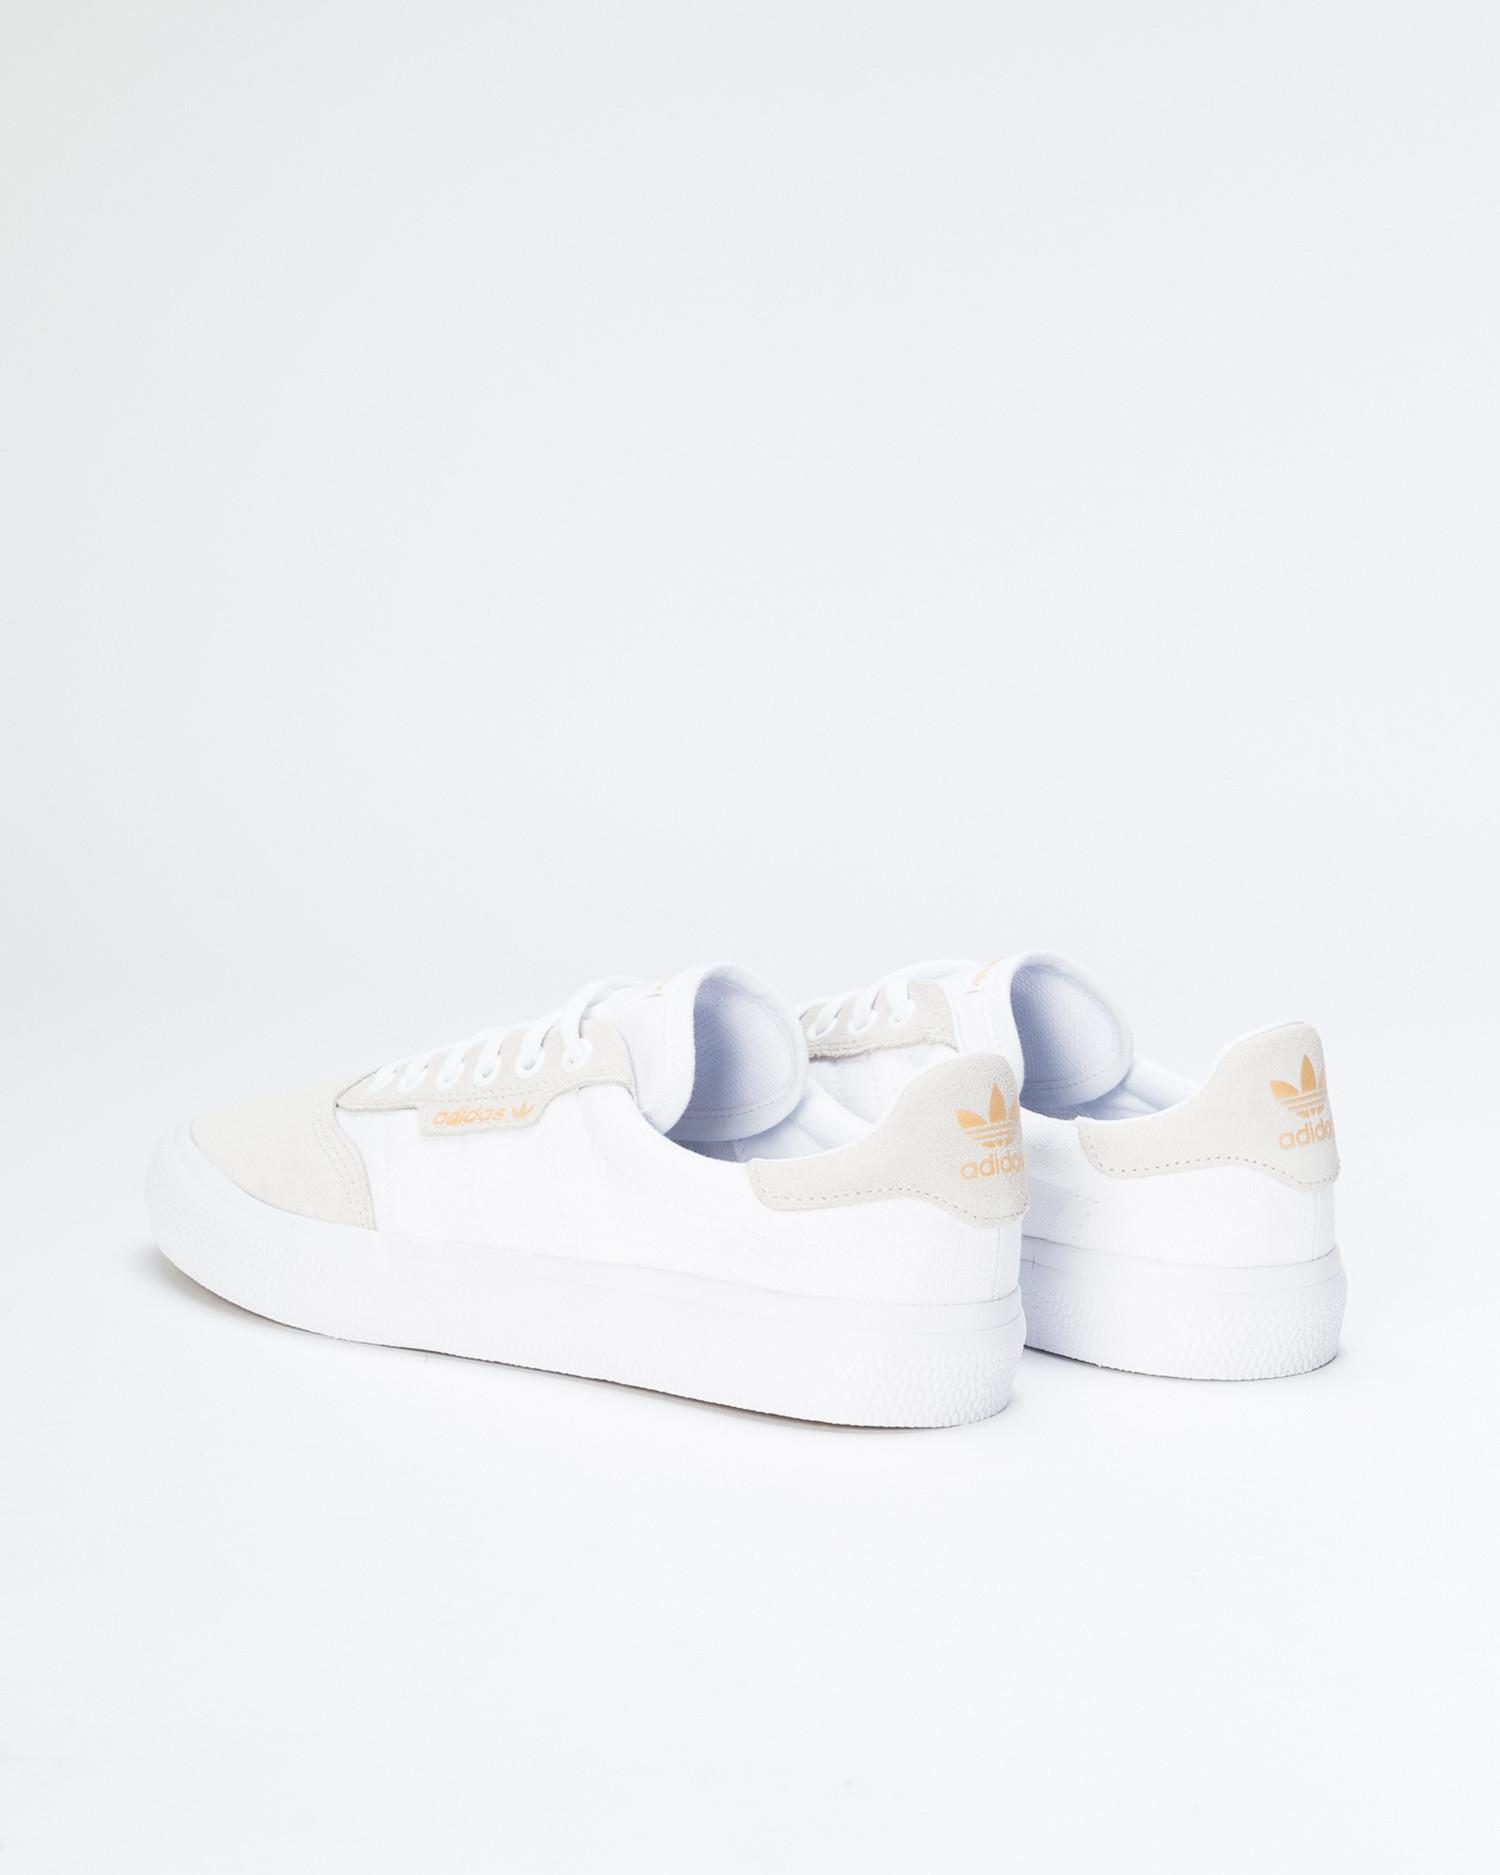 Adidas 3mc ftwwht/crywht/goldmt